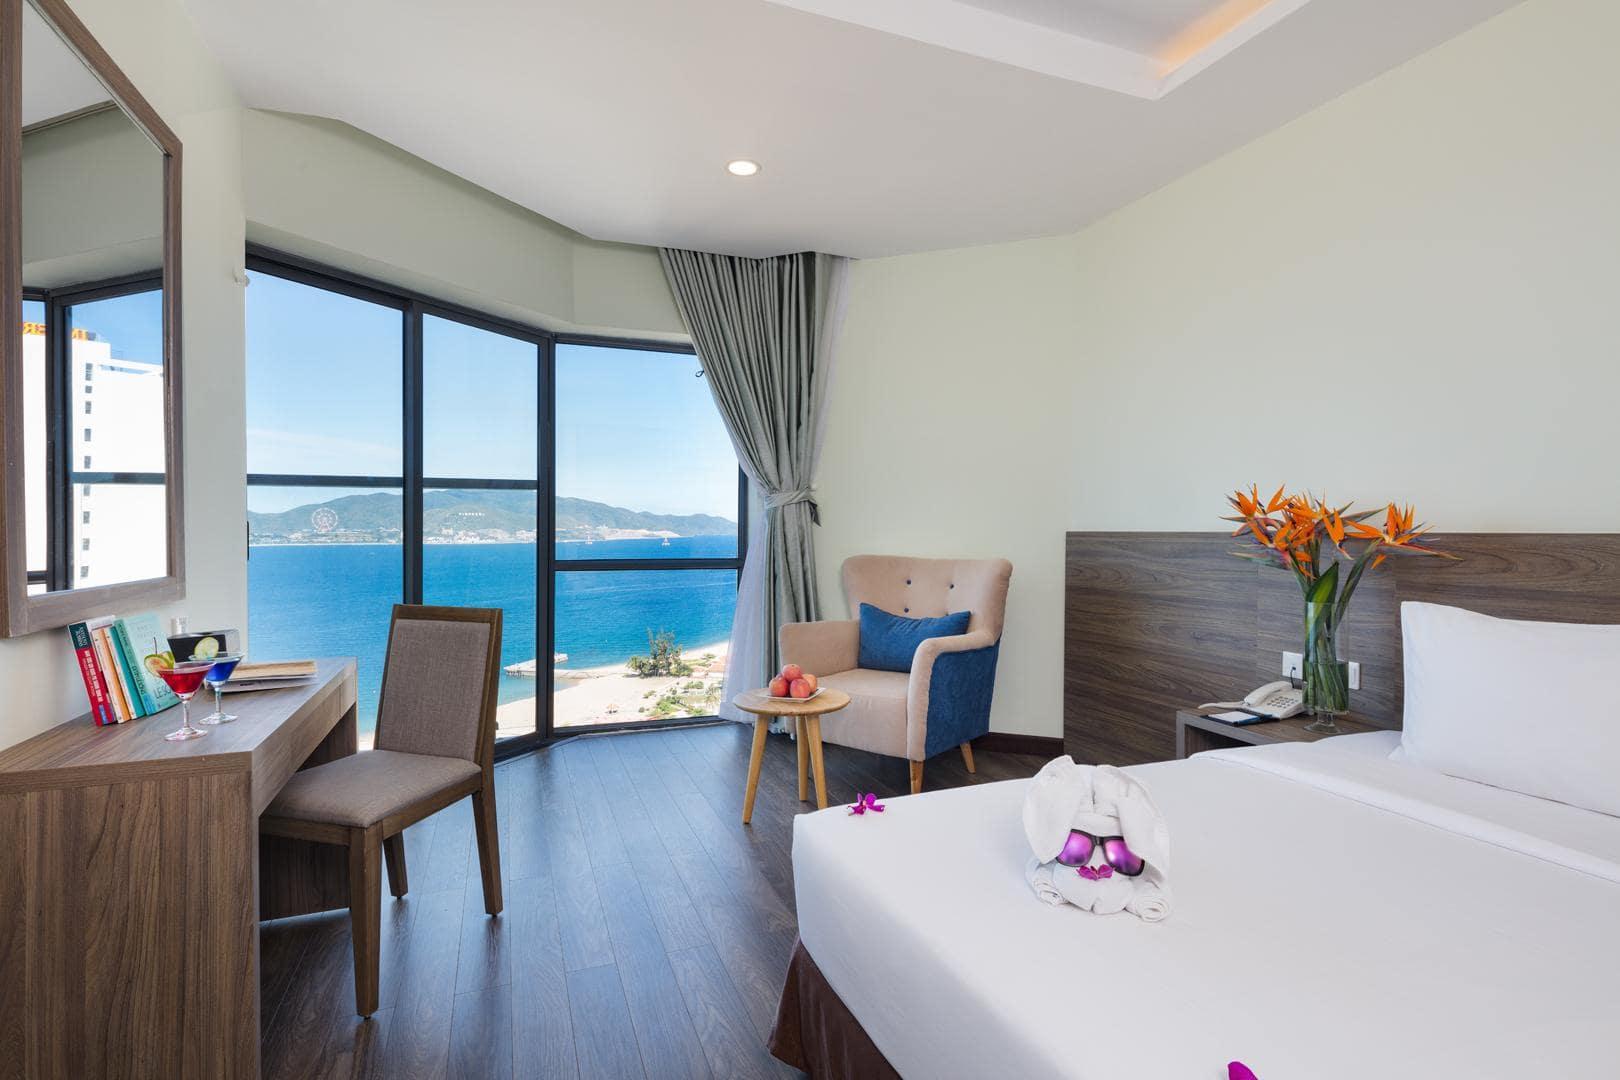 khách sạn nha trang 4 sao gần biển